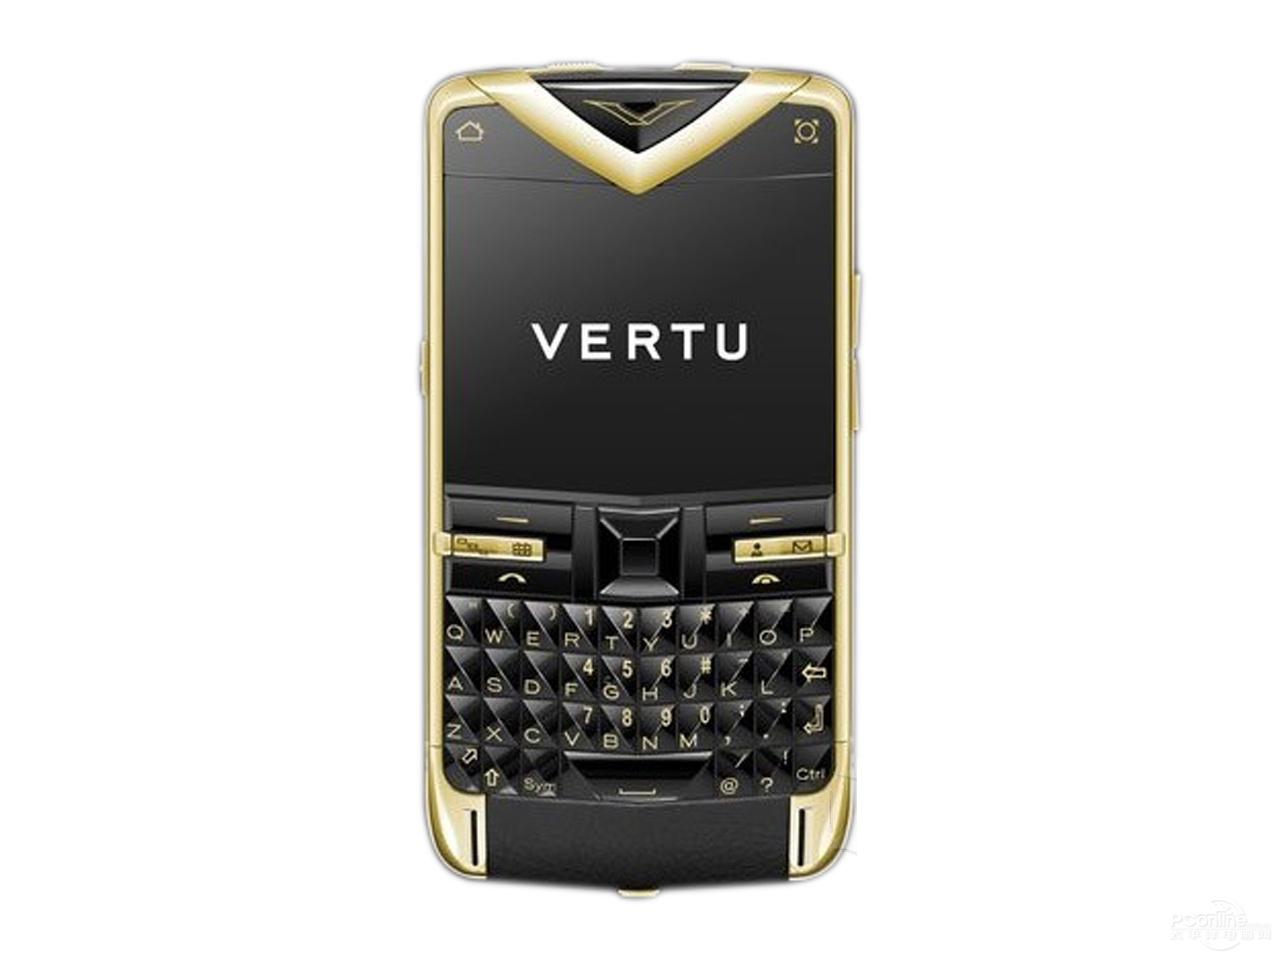 以色列初创公司打造超高科技手机:售价2万美元